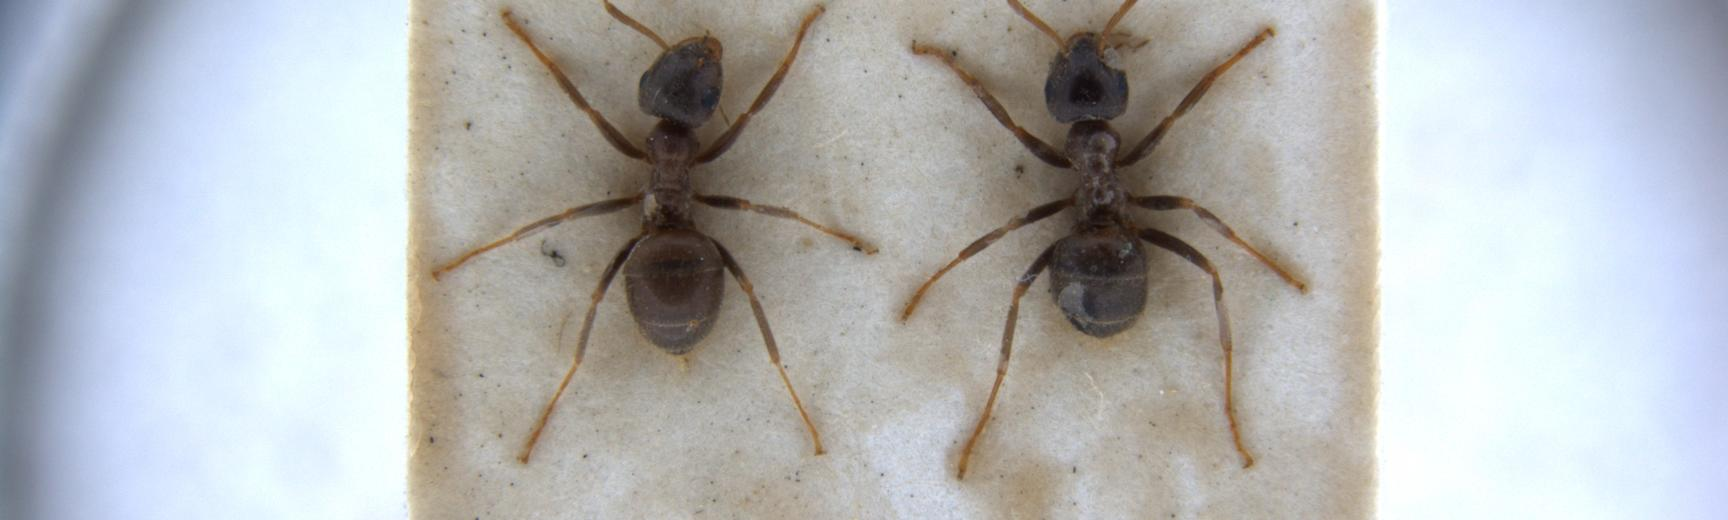 lasius niger workers